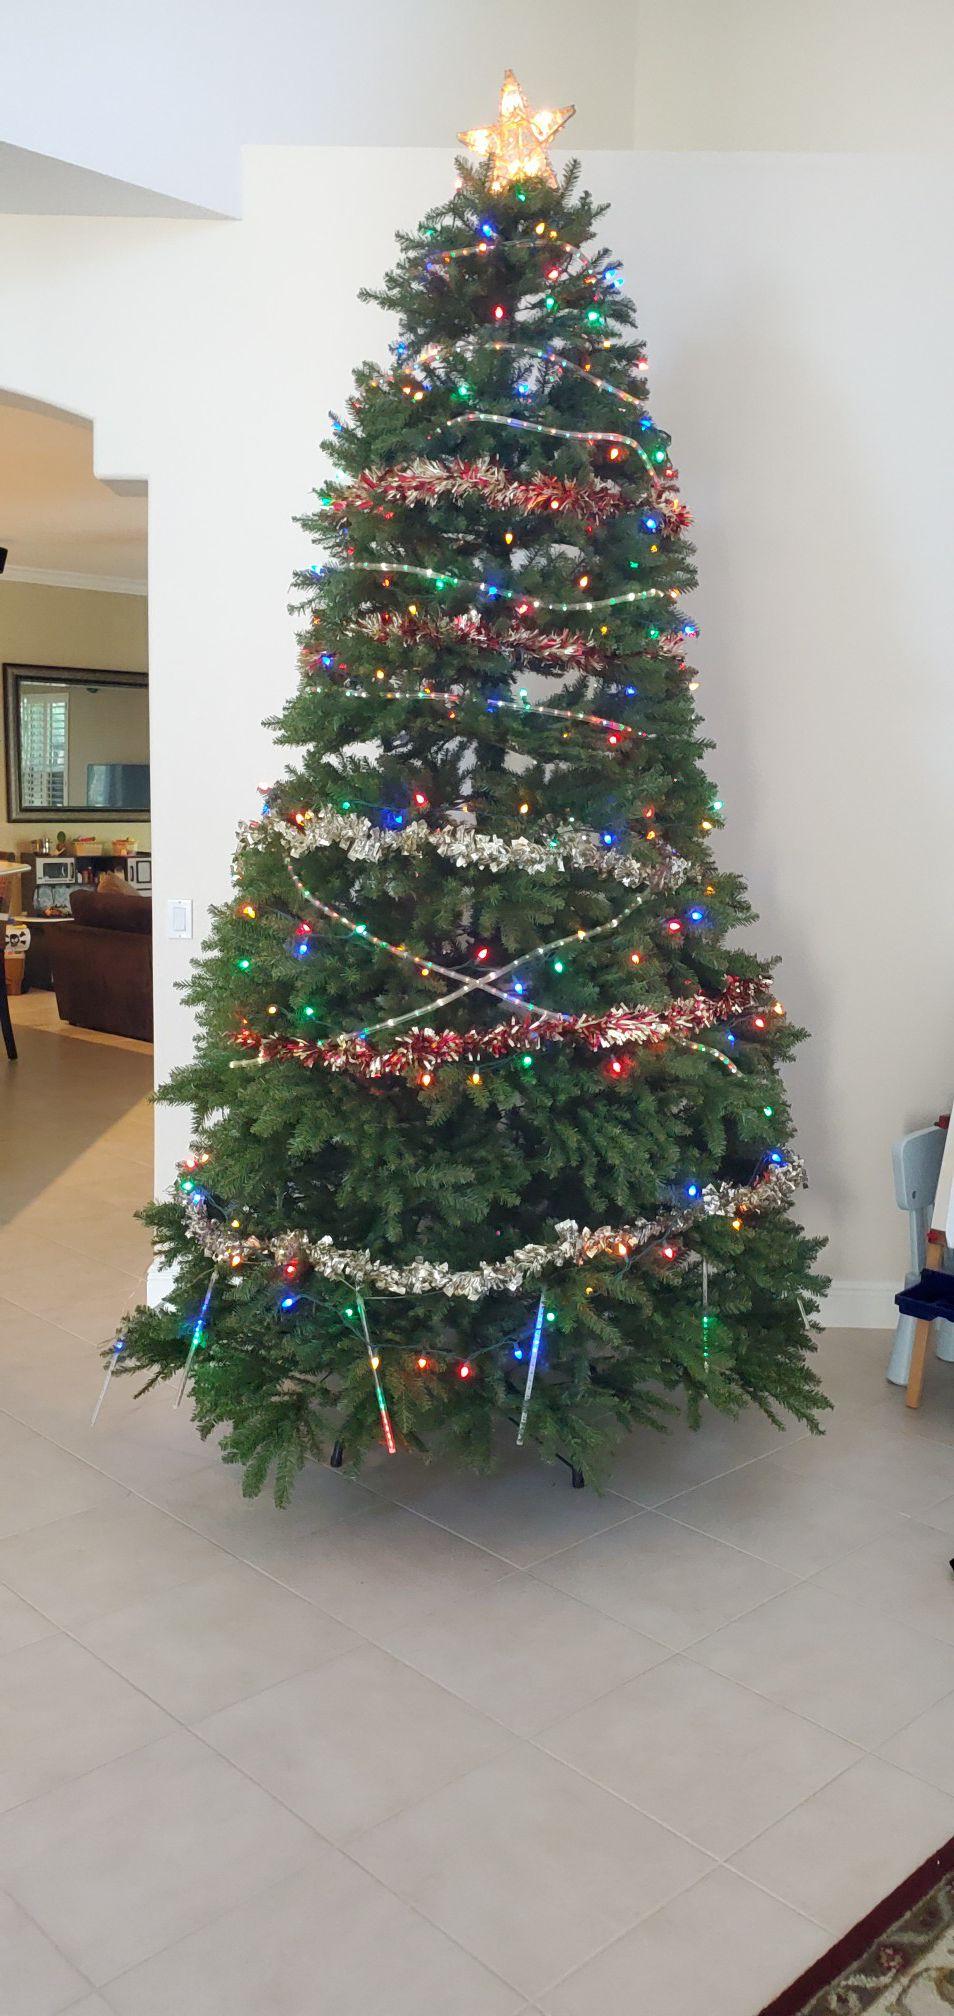 10 ft Christmas tree with bag